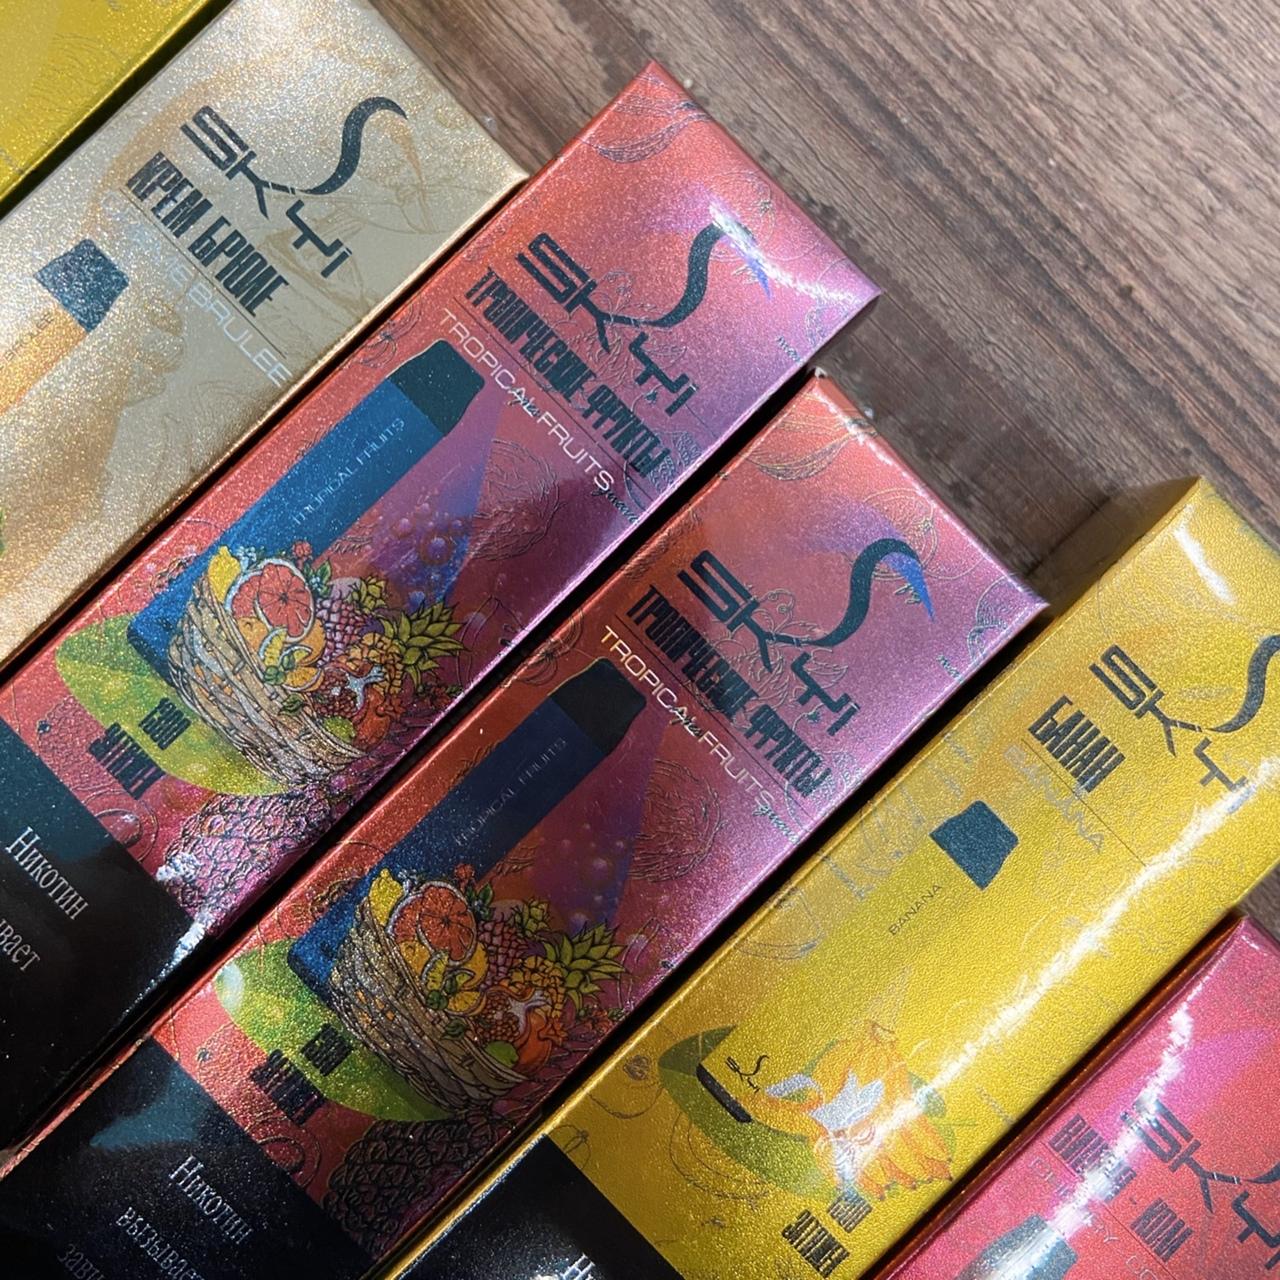 Электронная сигарета одноразовая цена в самаре электронные сигареты купить в екатеринбурге жидкость